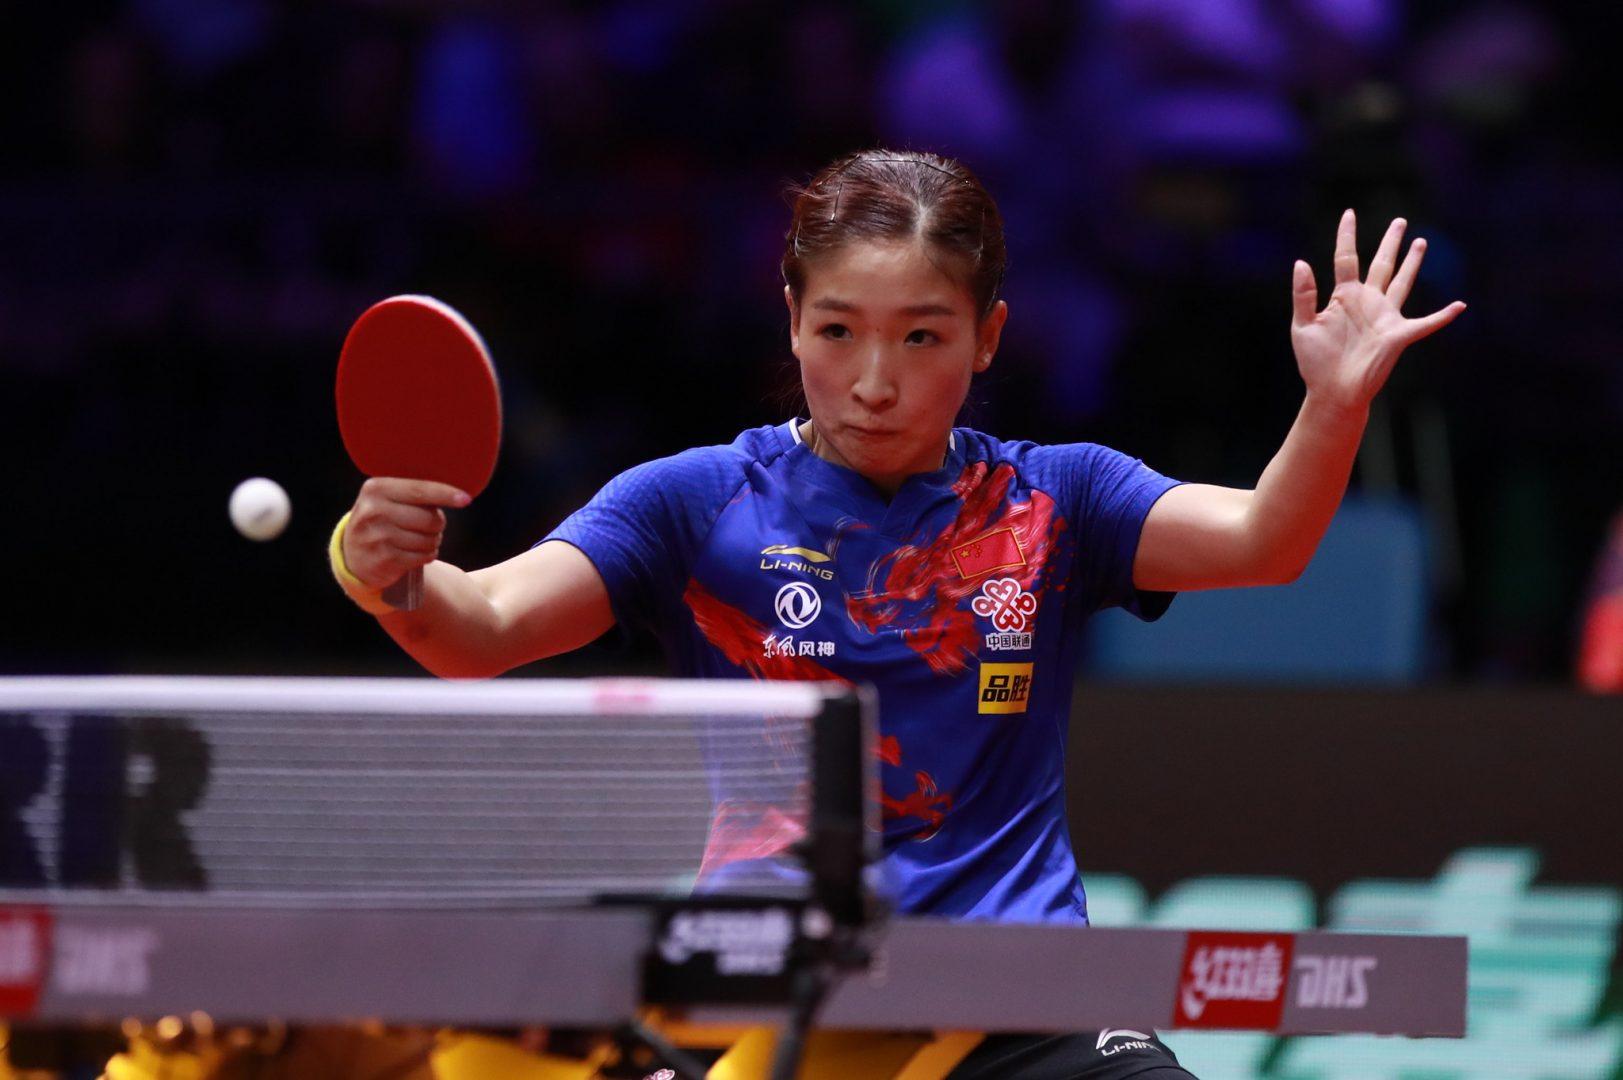 【世界卓球】女子単、劉詩ブンが悲願の初優勝 中国の連覇を13に伸ばす